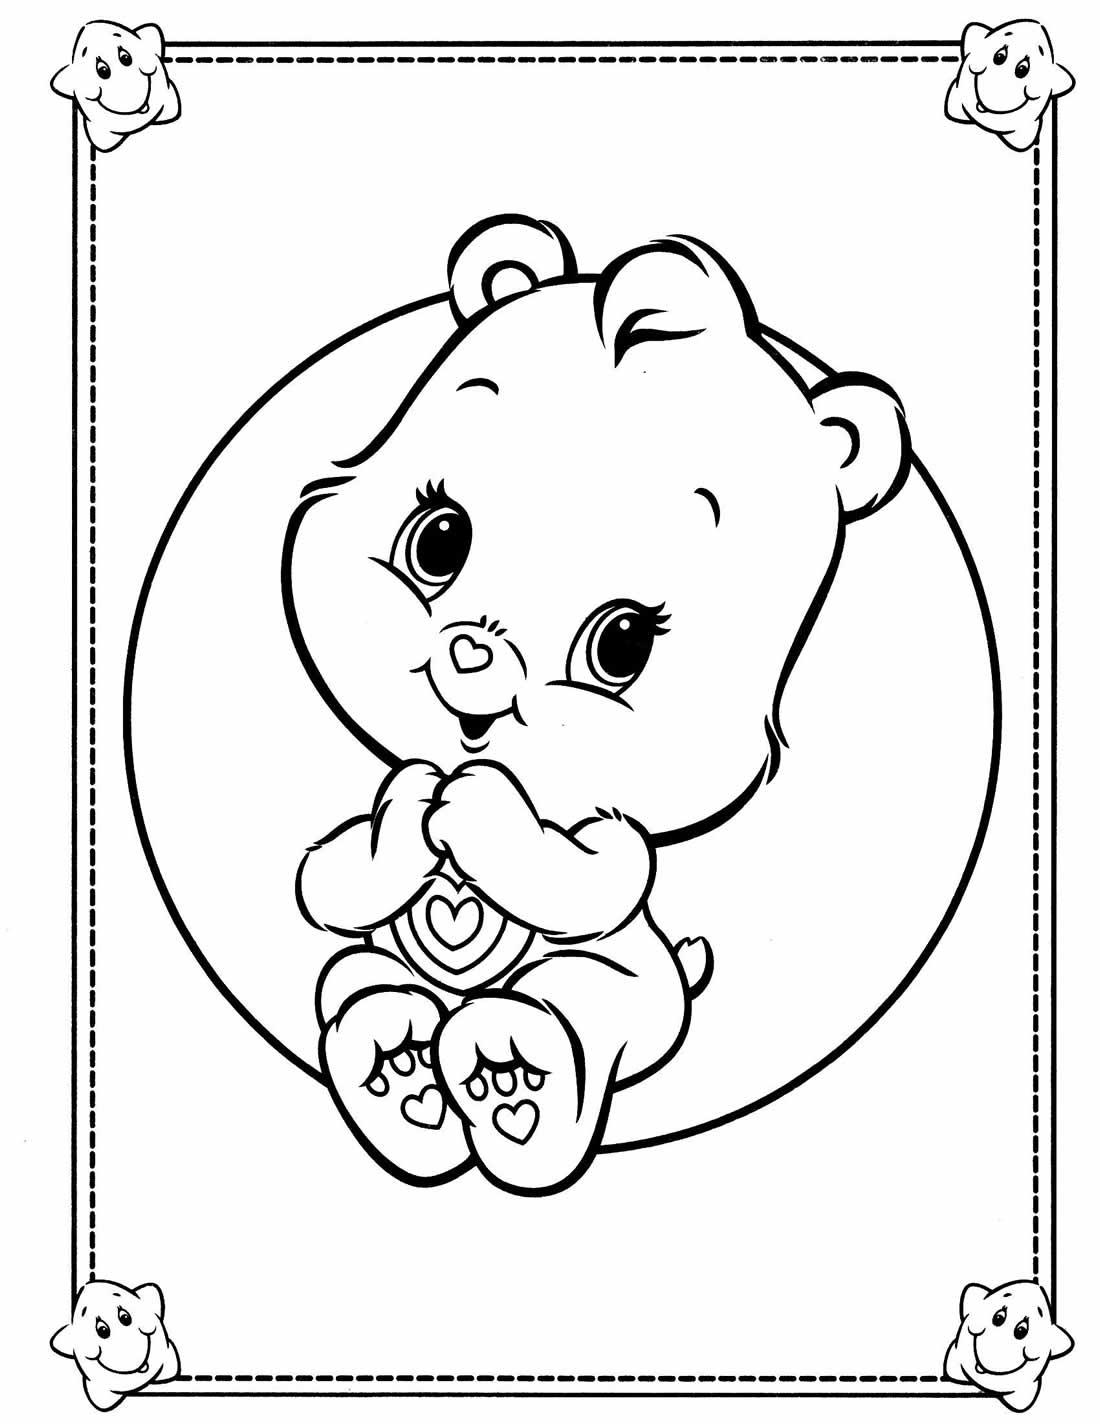 Desenho dos Ursinhos Carinhosos para pintar